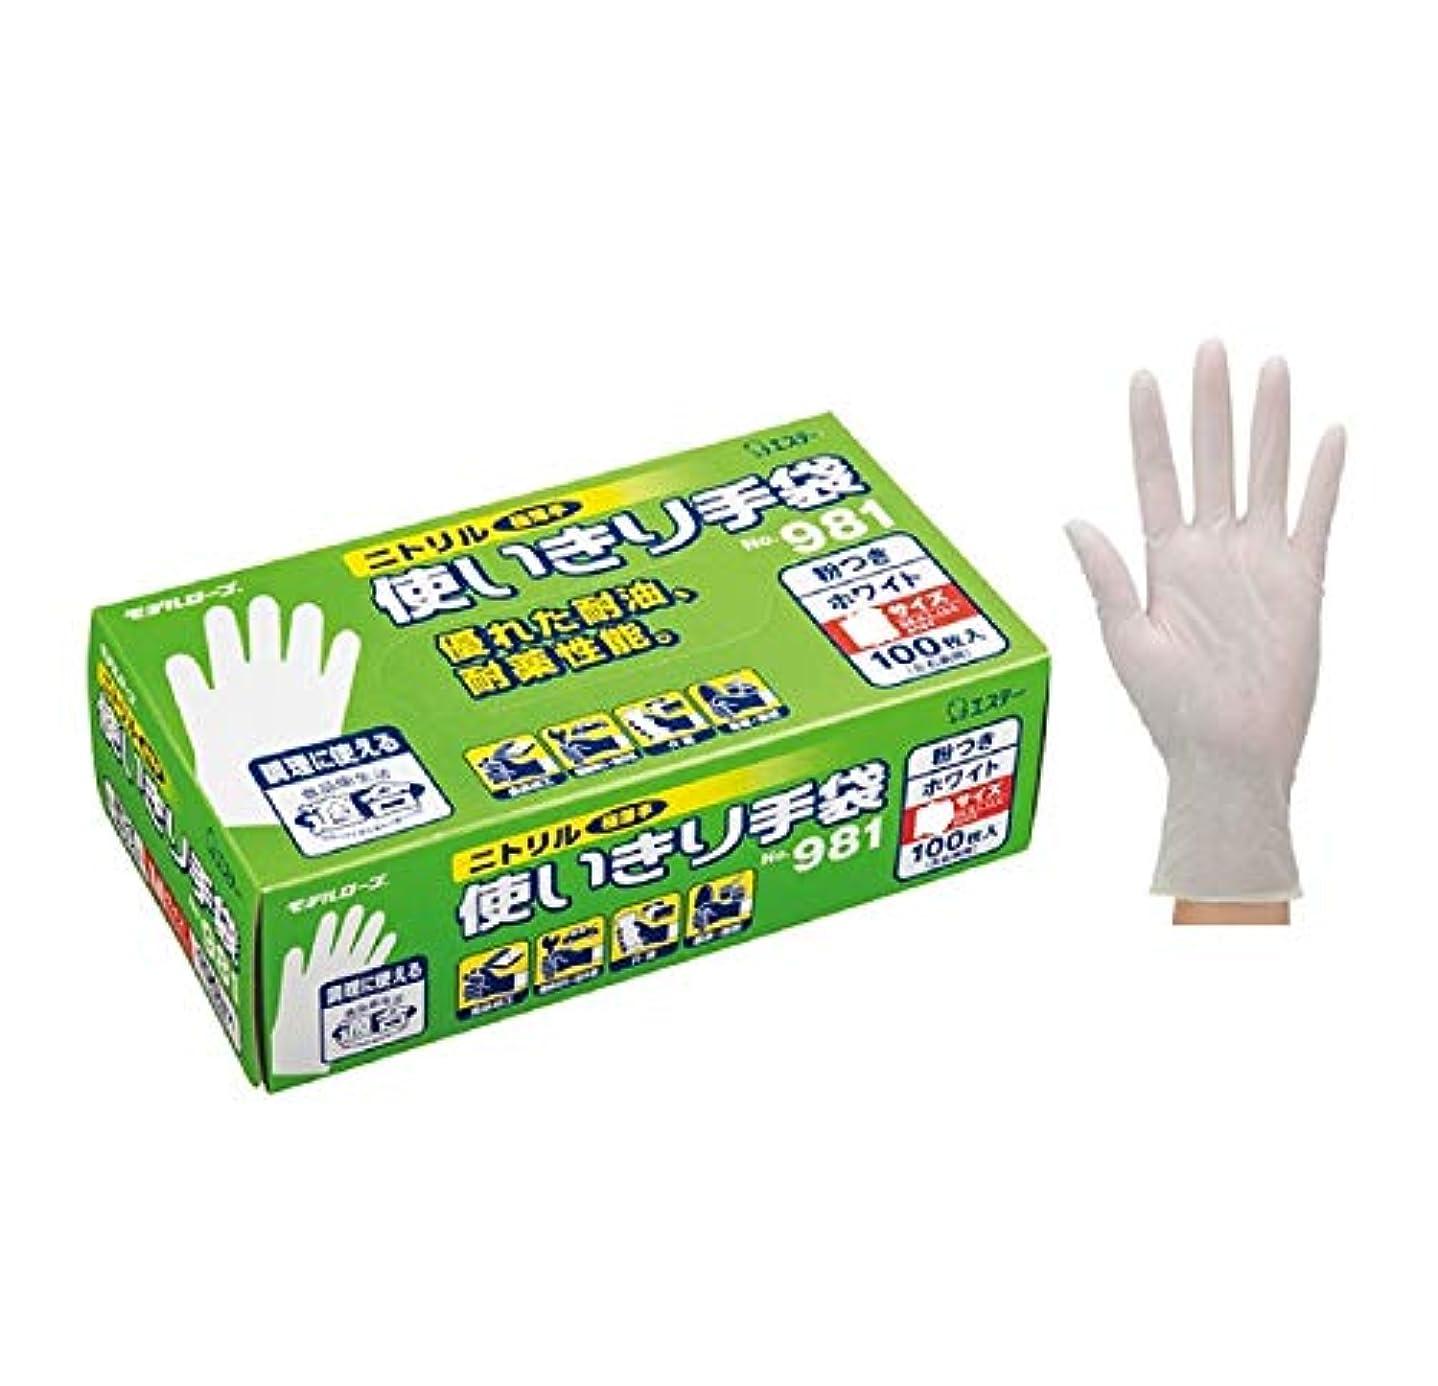 若い会話発表インテリア 日用雑貨 掃除用品 ニトリル手袋 粉付 No981 M 12箱